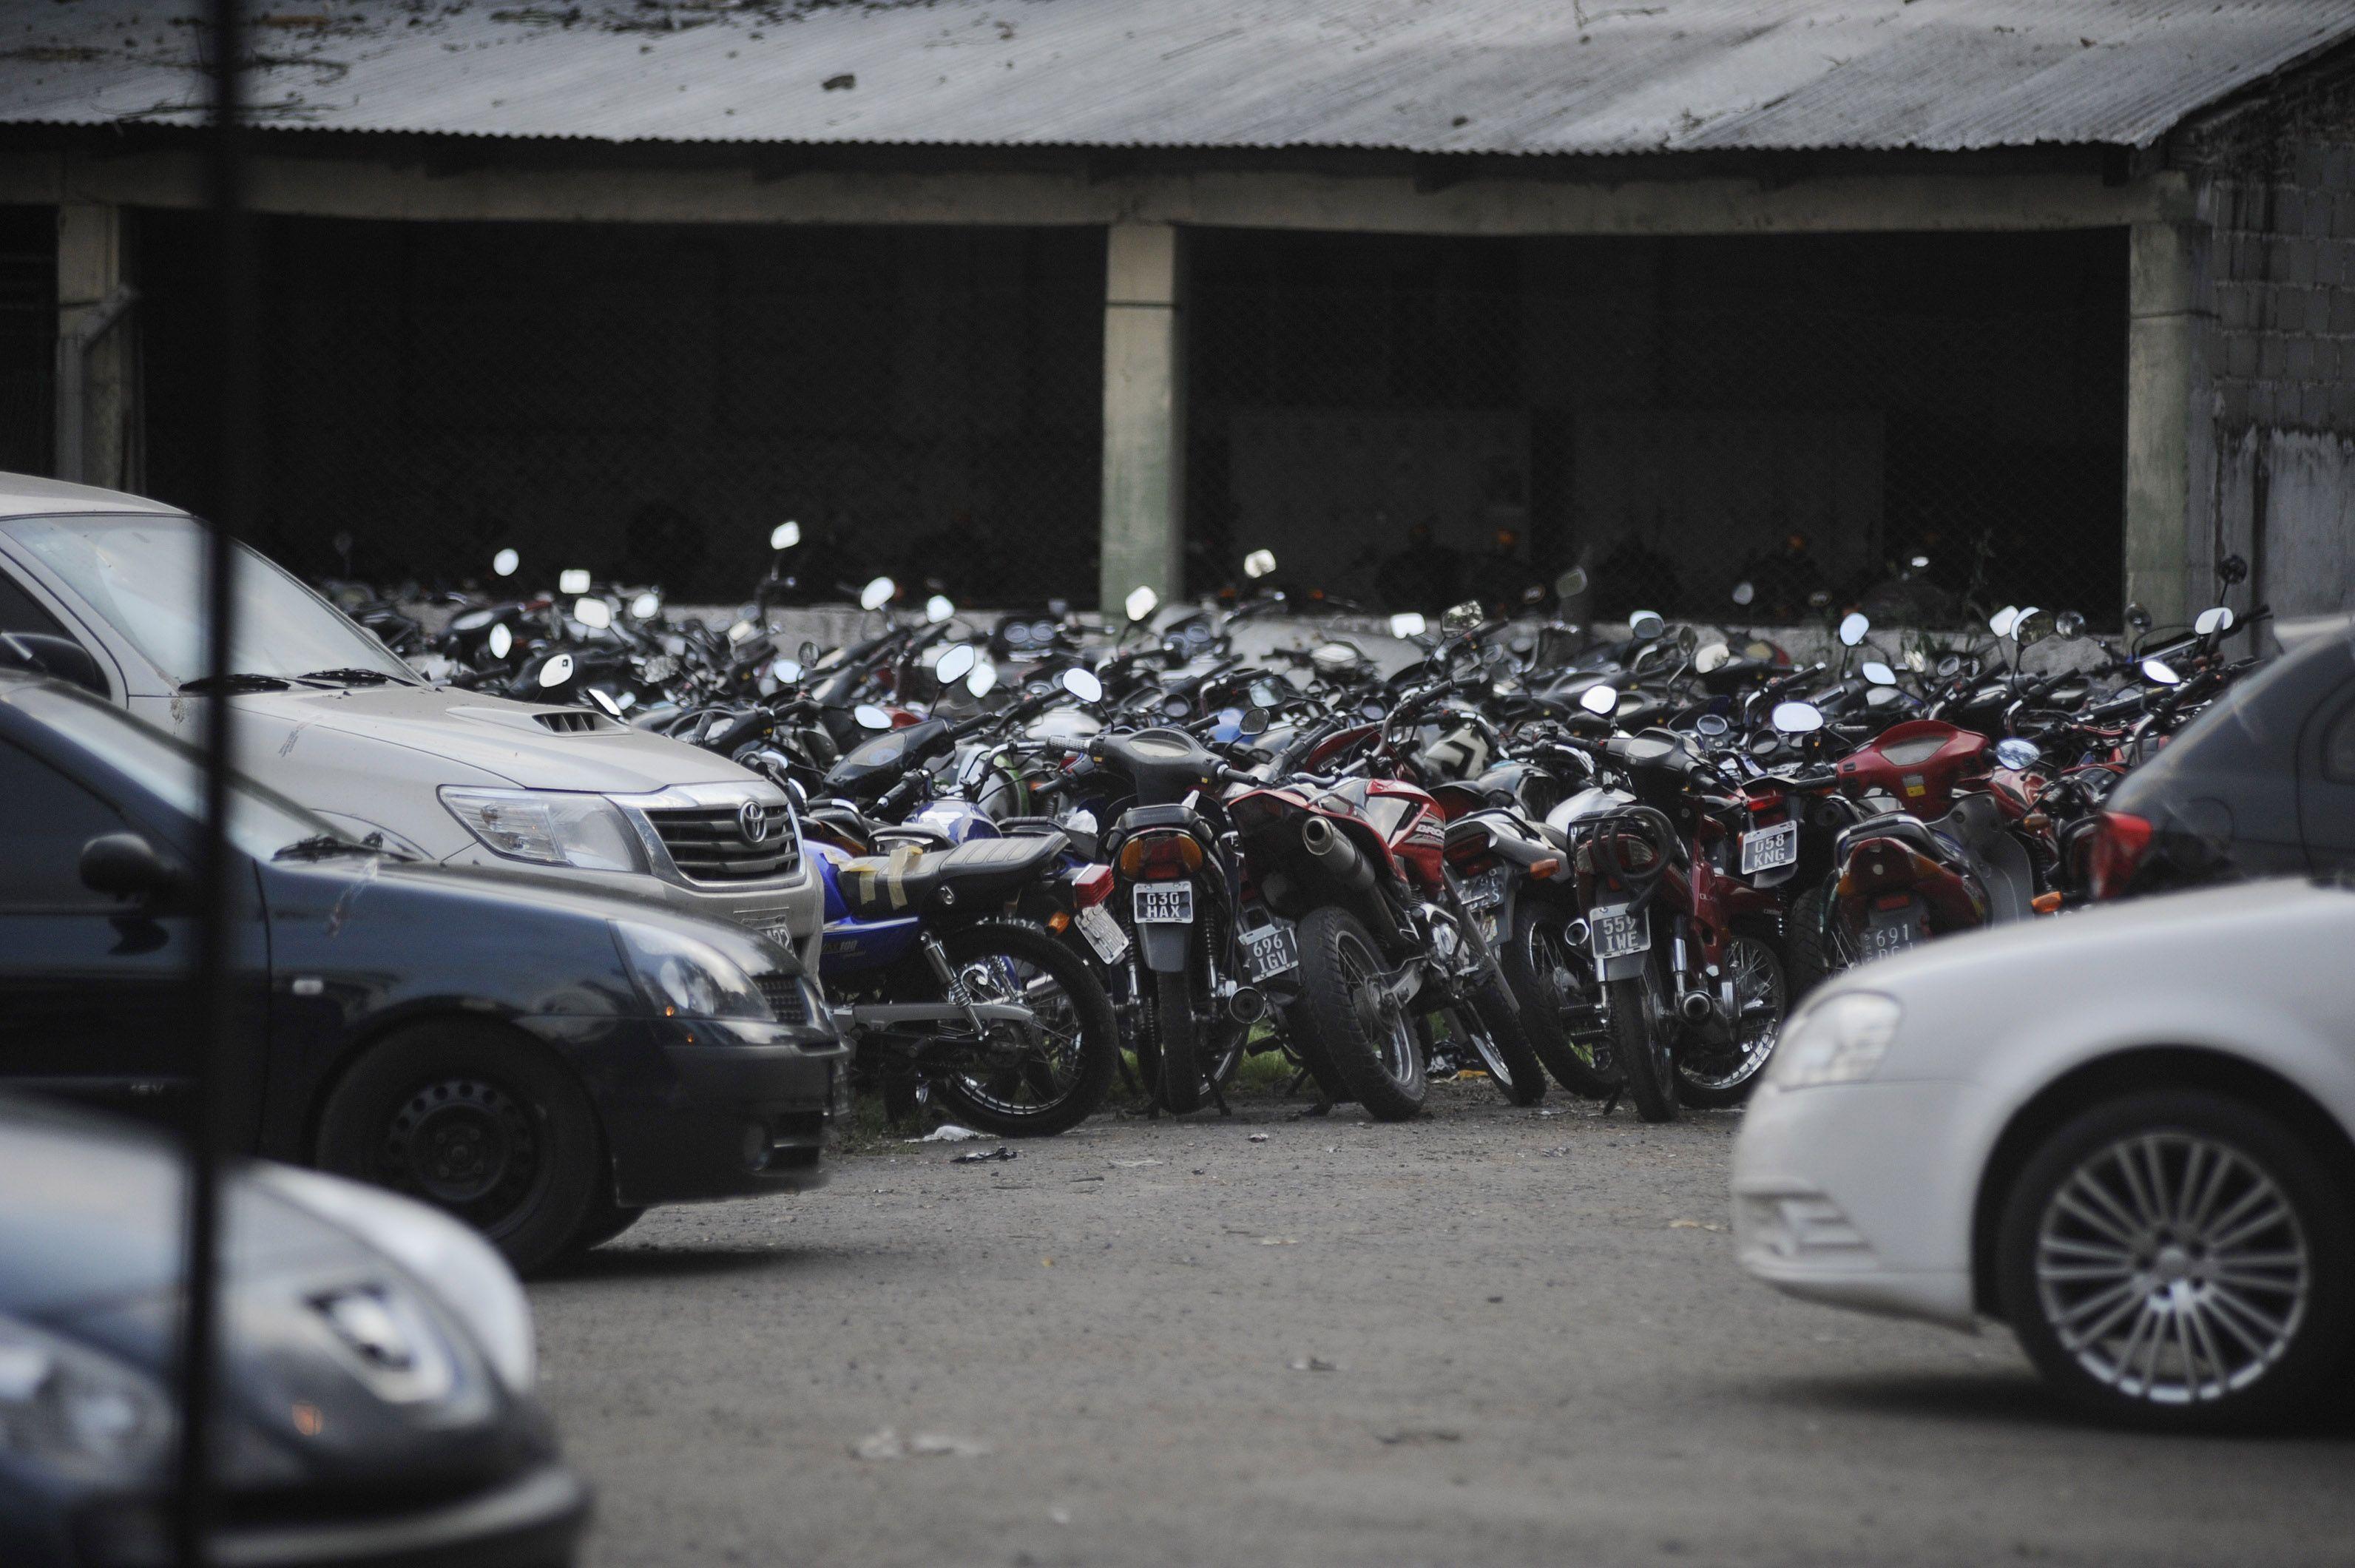 Numerosos vehículos fueron secuestrados la semana pasada por diversas irregularidades. (A.Celoria)